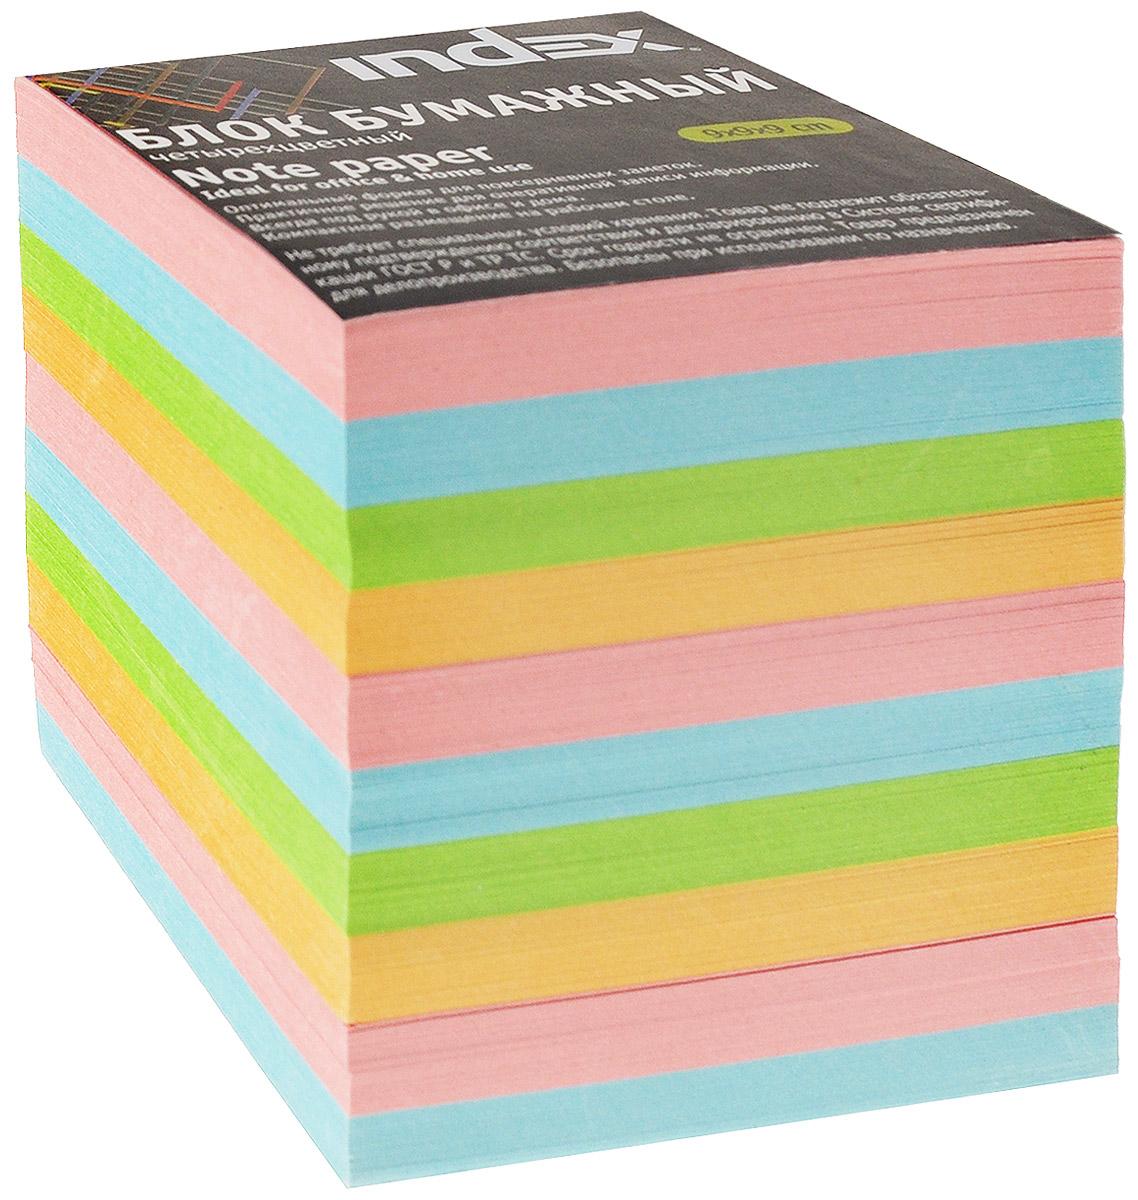 Index Блок для записей цвет желтый салатовый голубой розовый